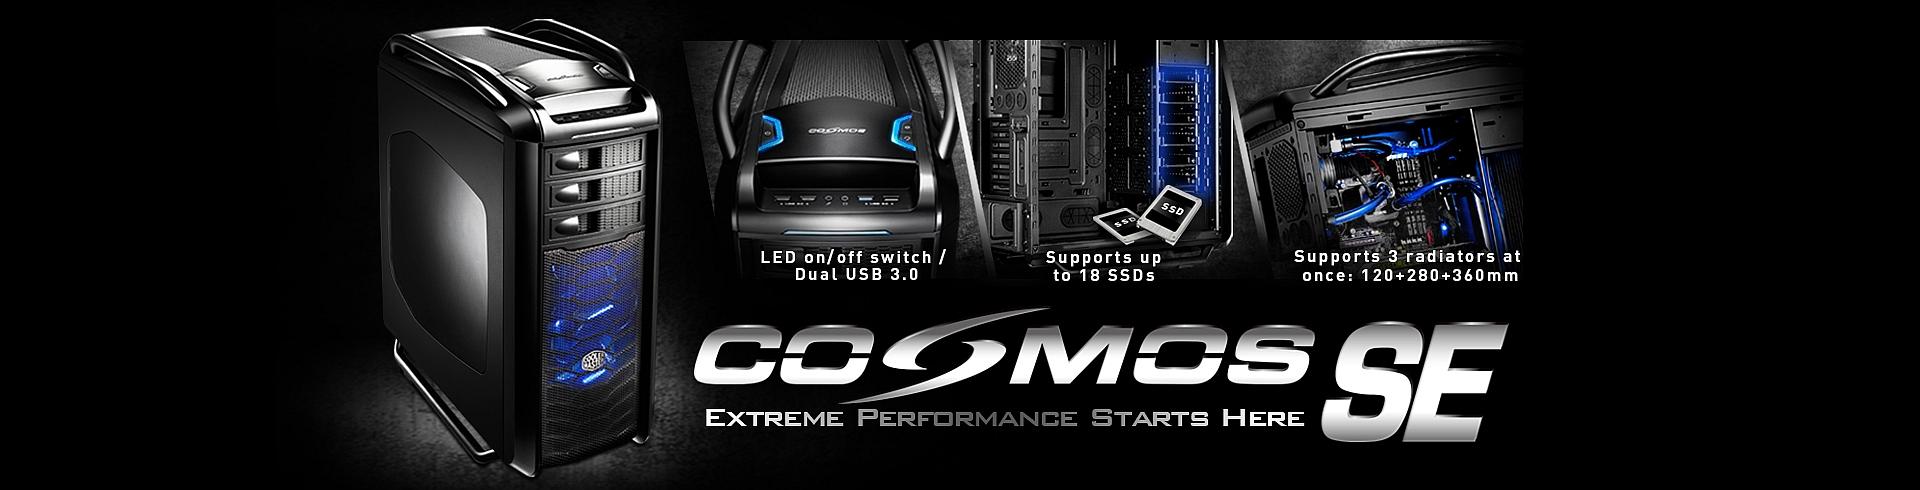 CoolerMaster-Cosmos-SE-Case